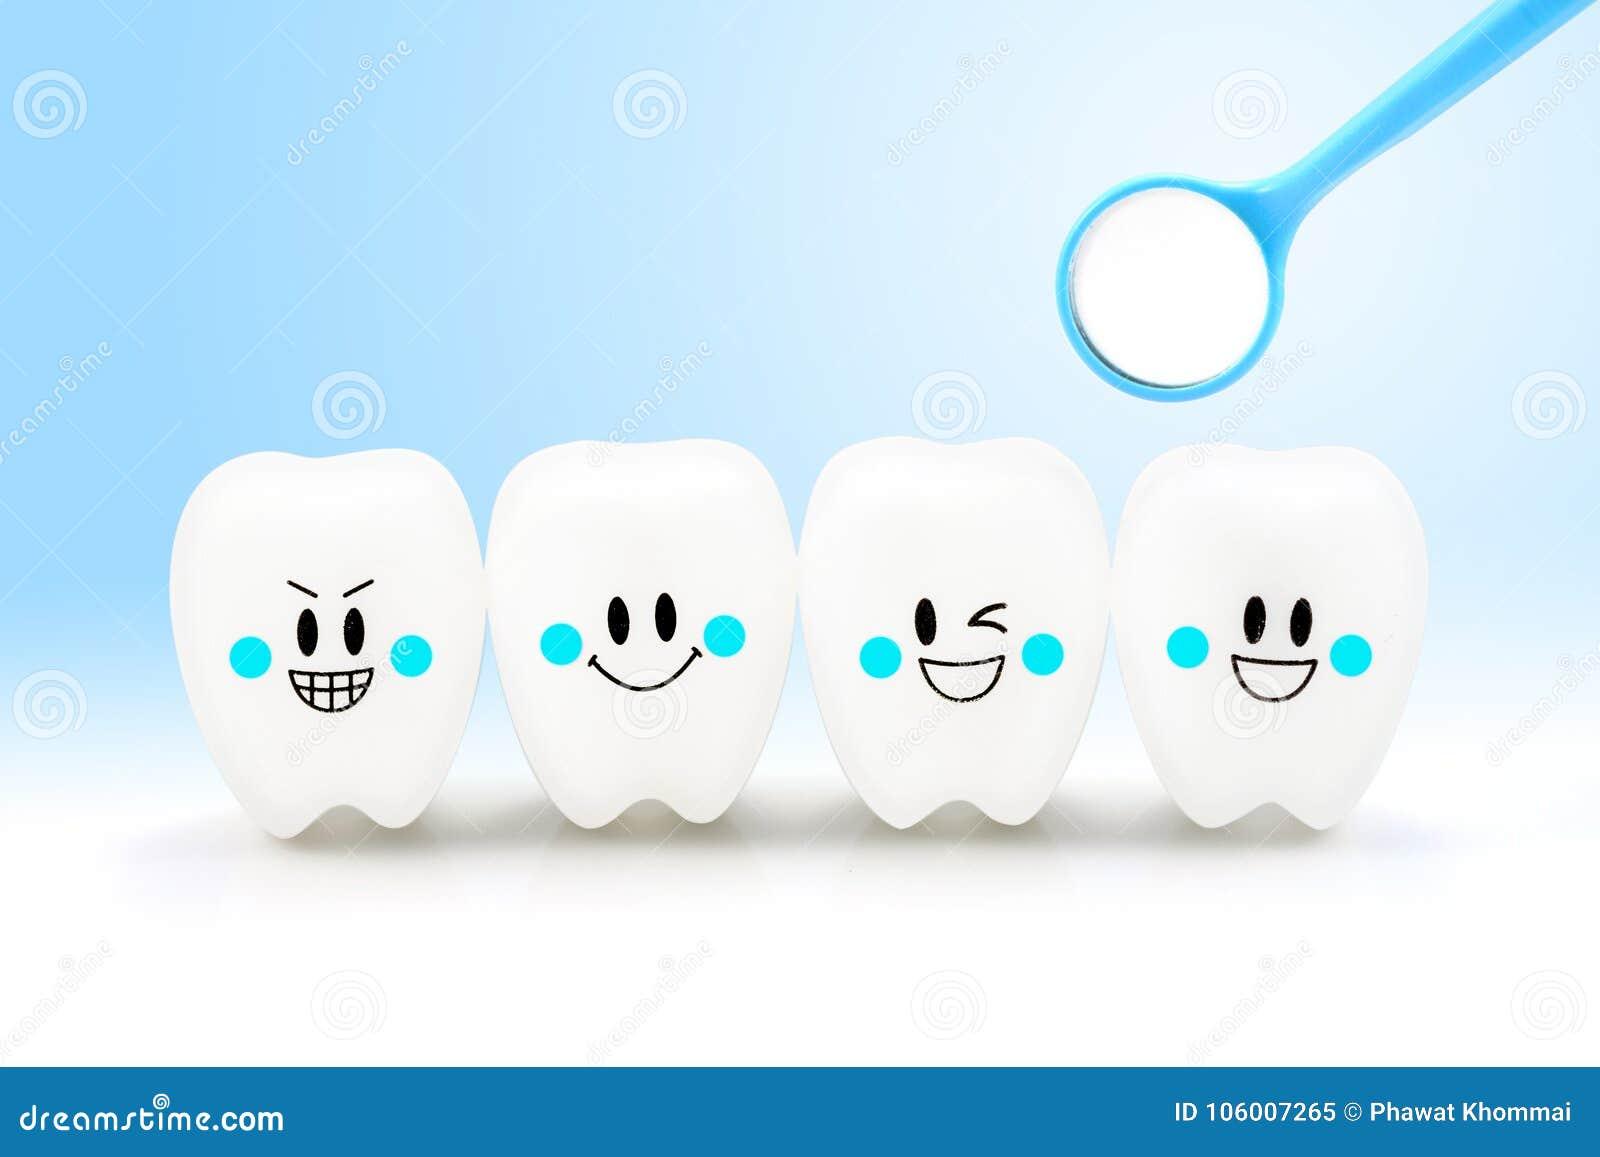 Emoción de la sonrisa de los dientes con la herramienta dental del espejo